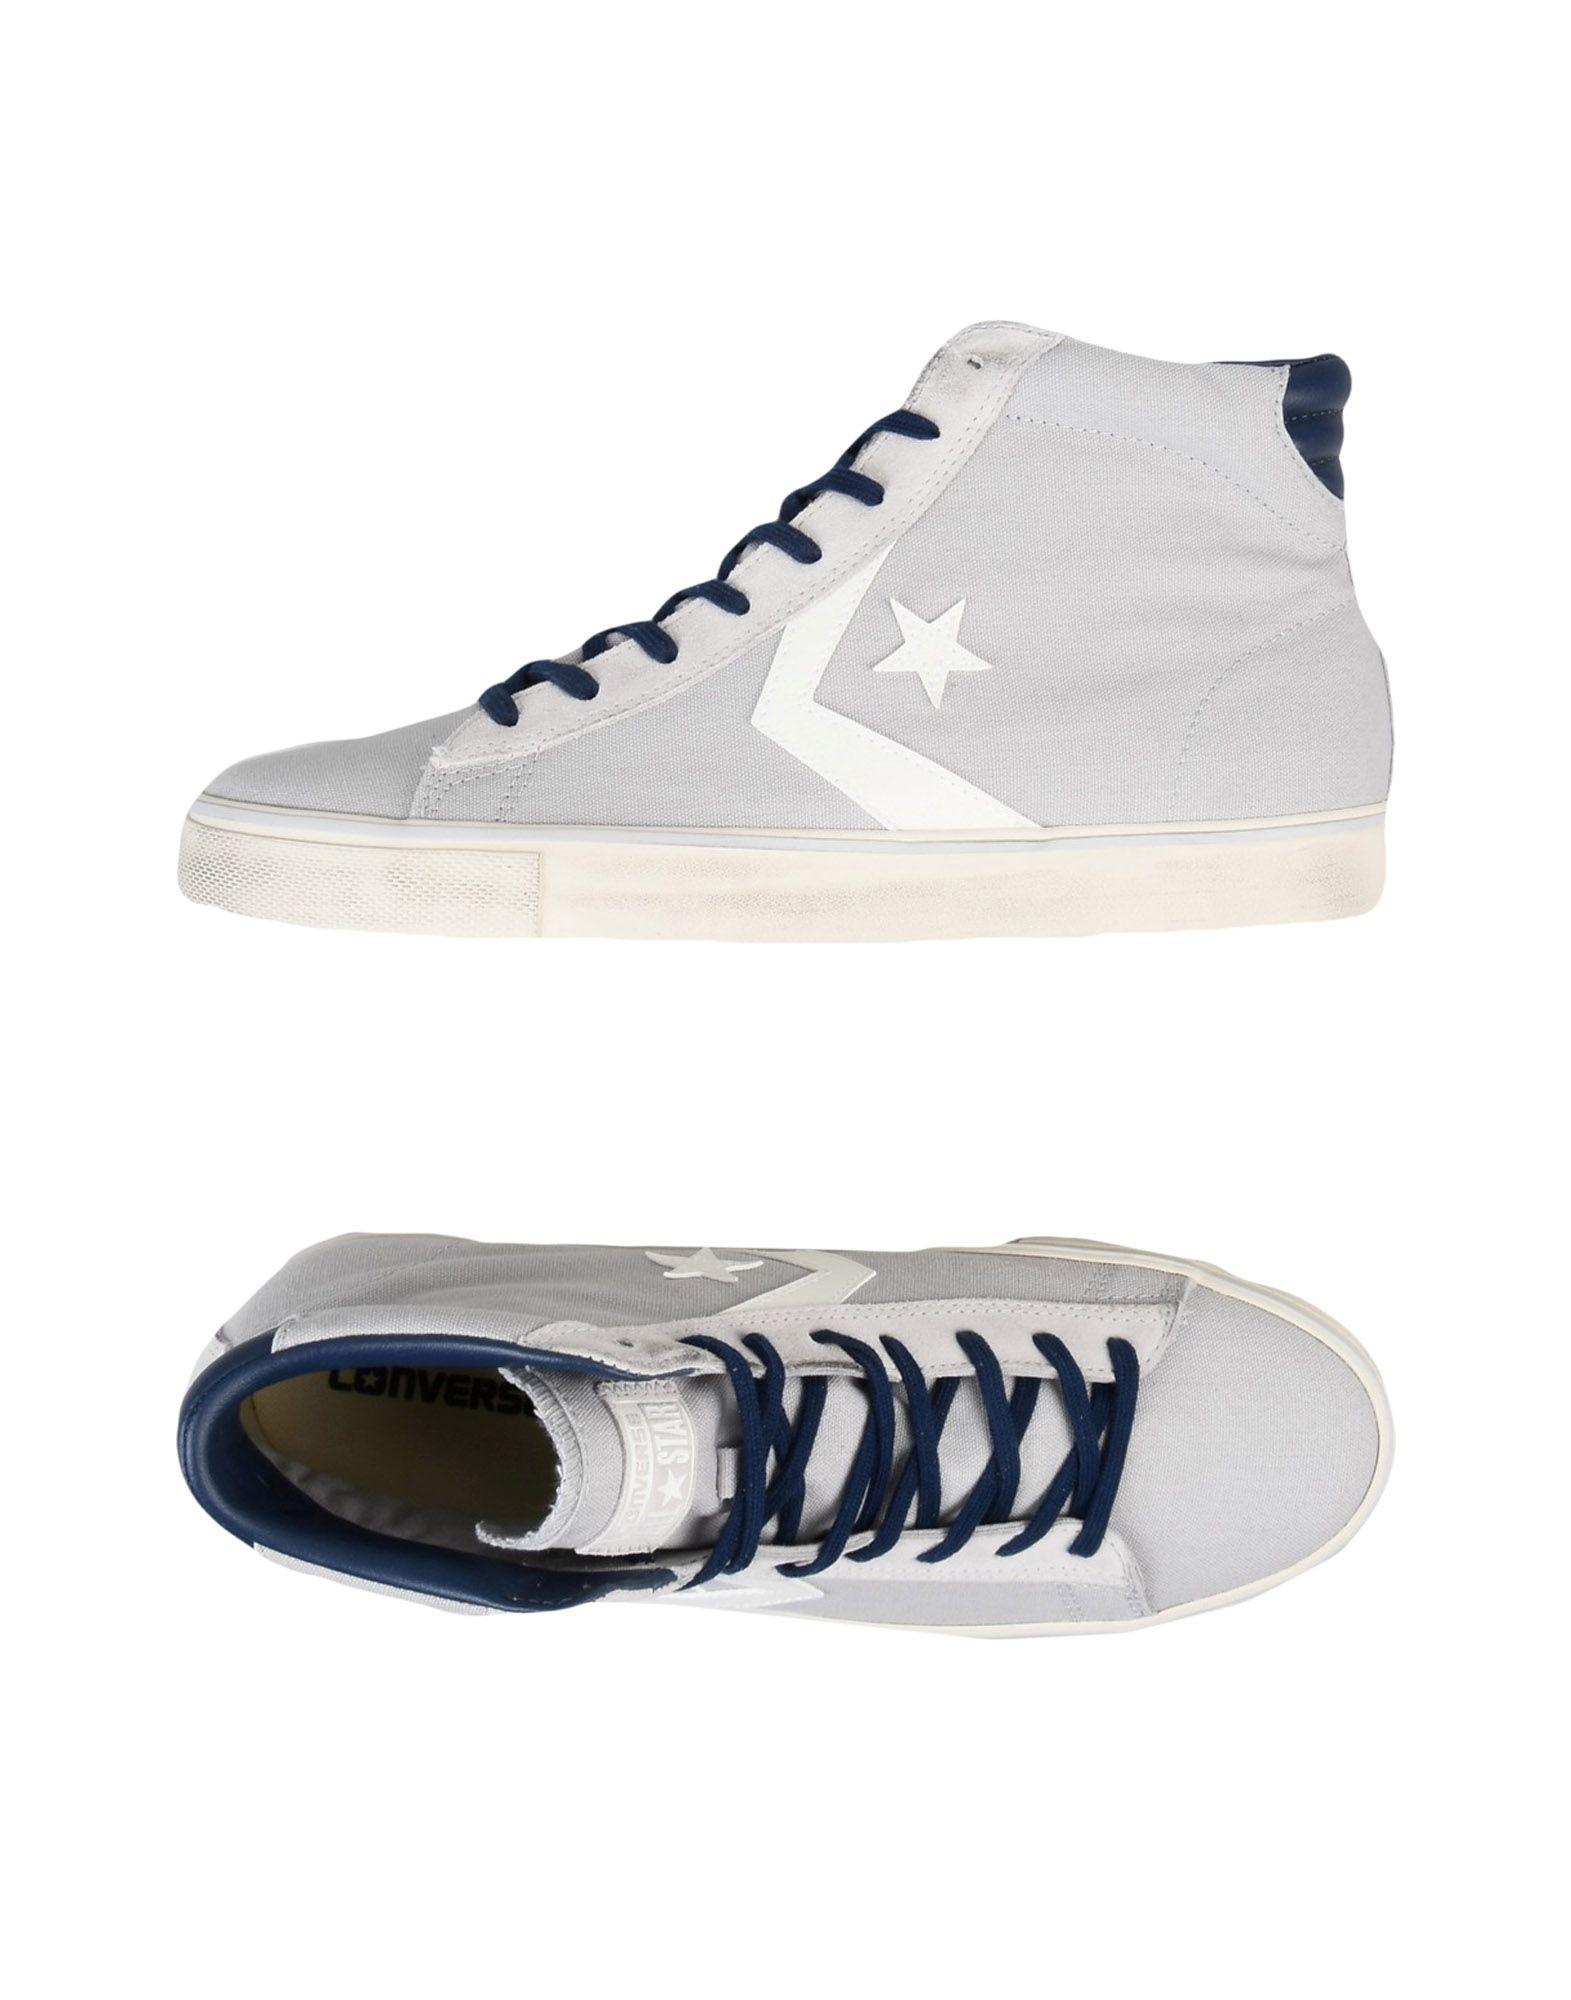 CONVERSE CONS Высокие кеды и кроссовки converse cons повседневные брюки